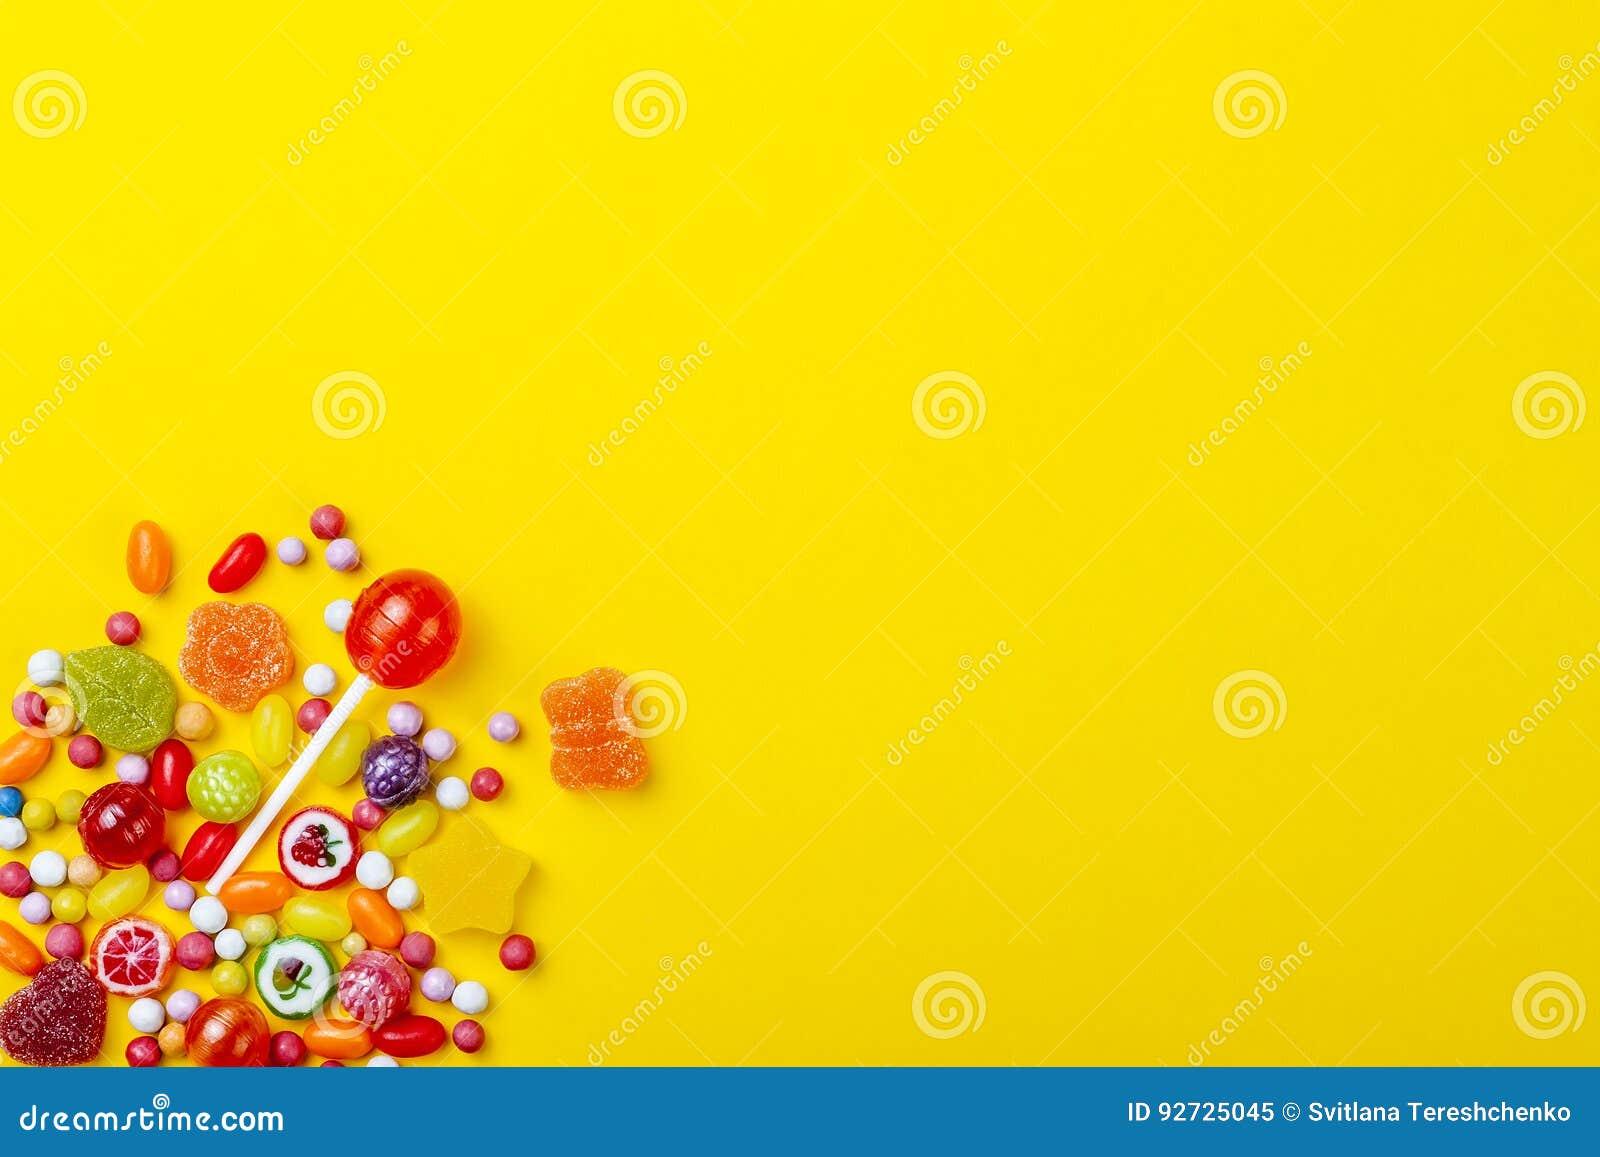 Διαφορετικοί τύποι καραμελών στο κίτρινο υπόβαθρο, διάστημα αντιγράφων